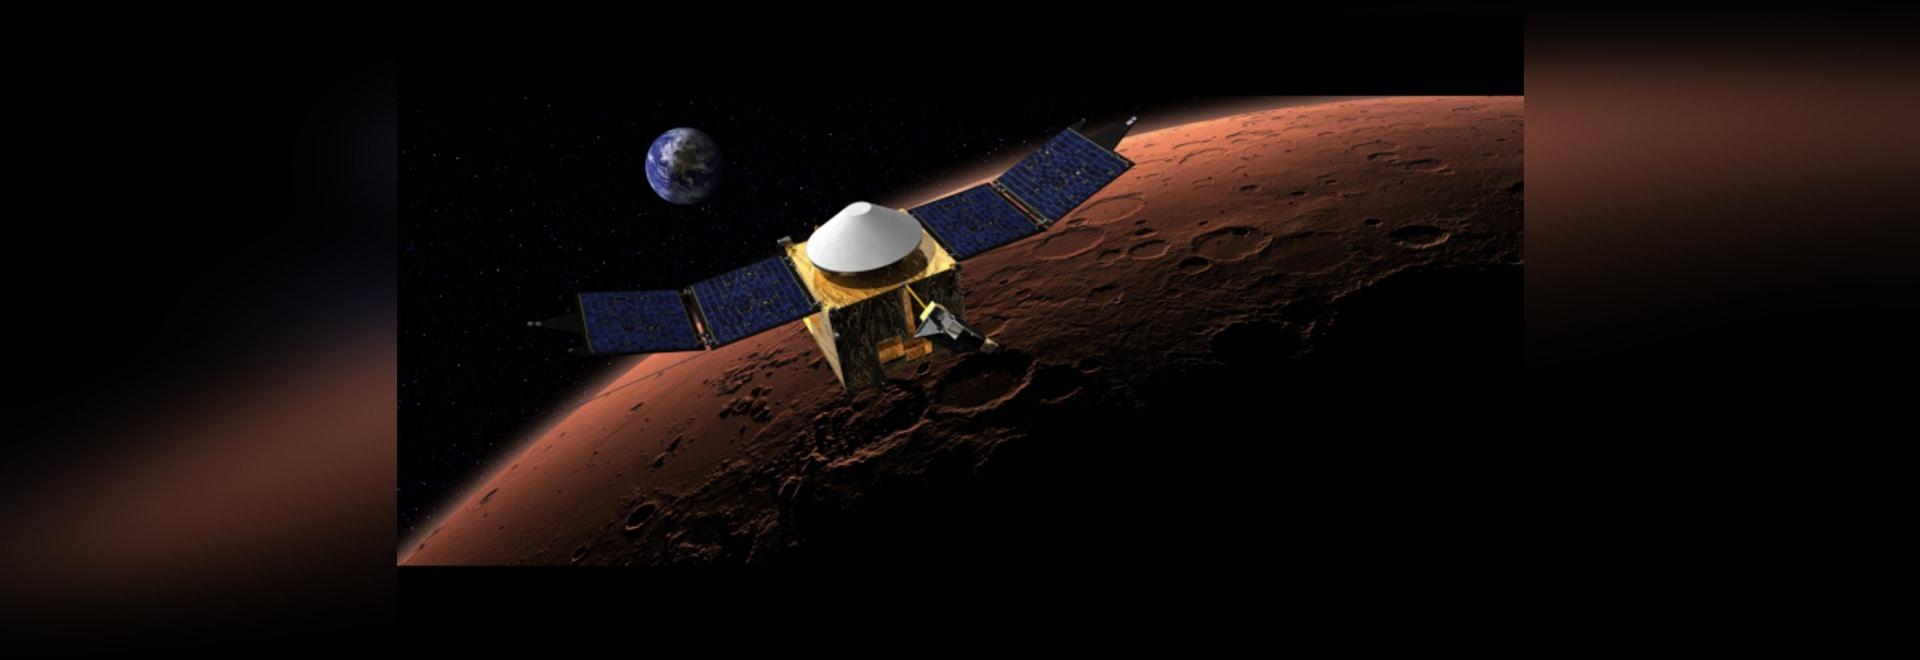 NASA MAVEN SPACECRAFT